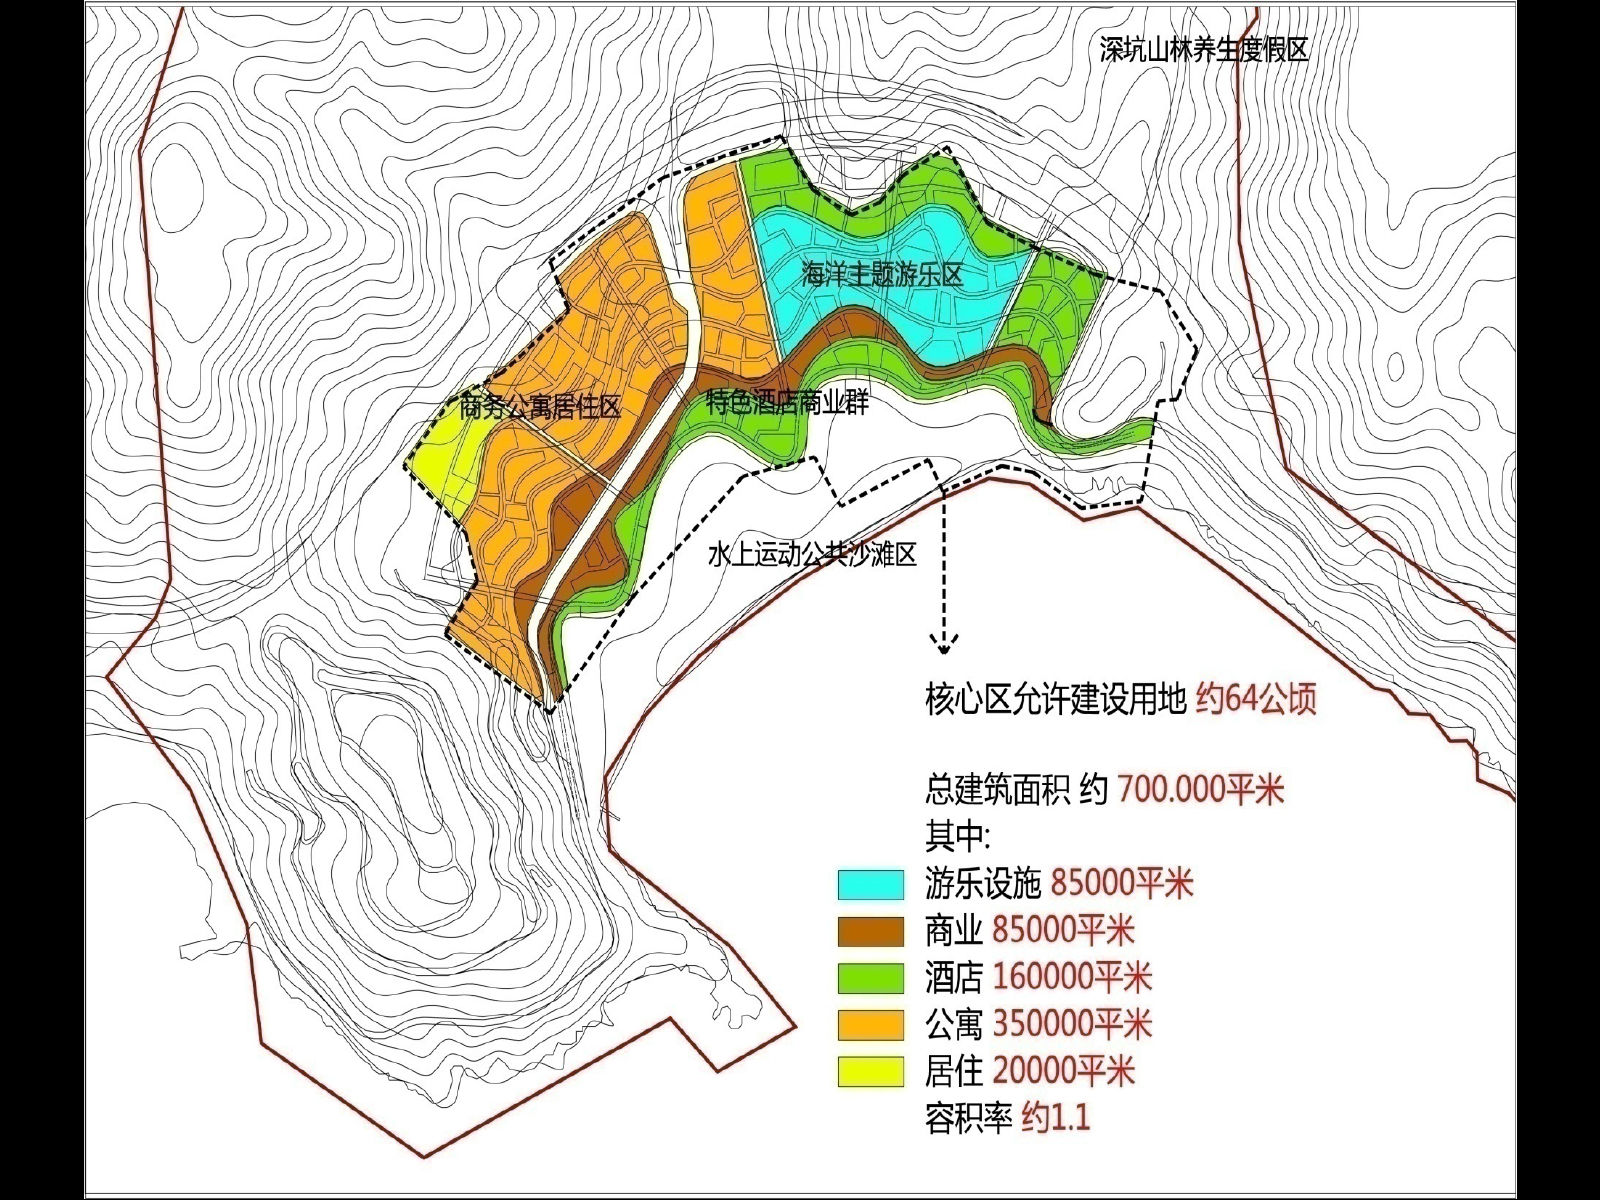 深圳小梅沙概念规划及城市设计_Shenzhen Xiaomeisha urban Design_Right_05.jpg